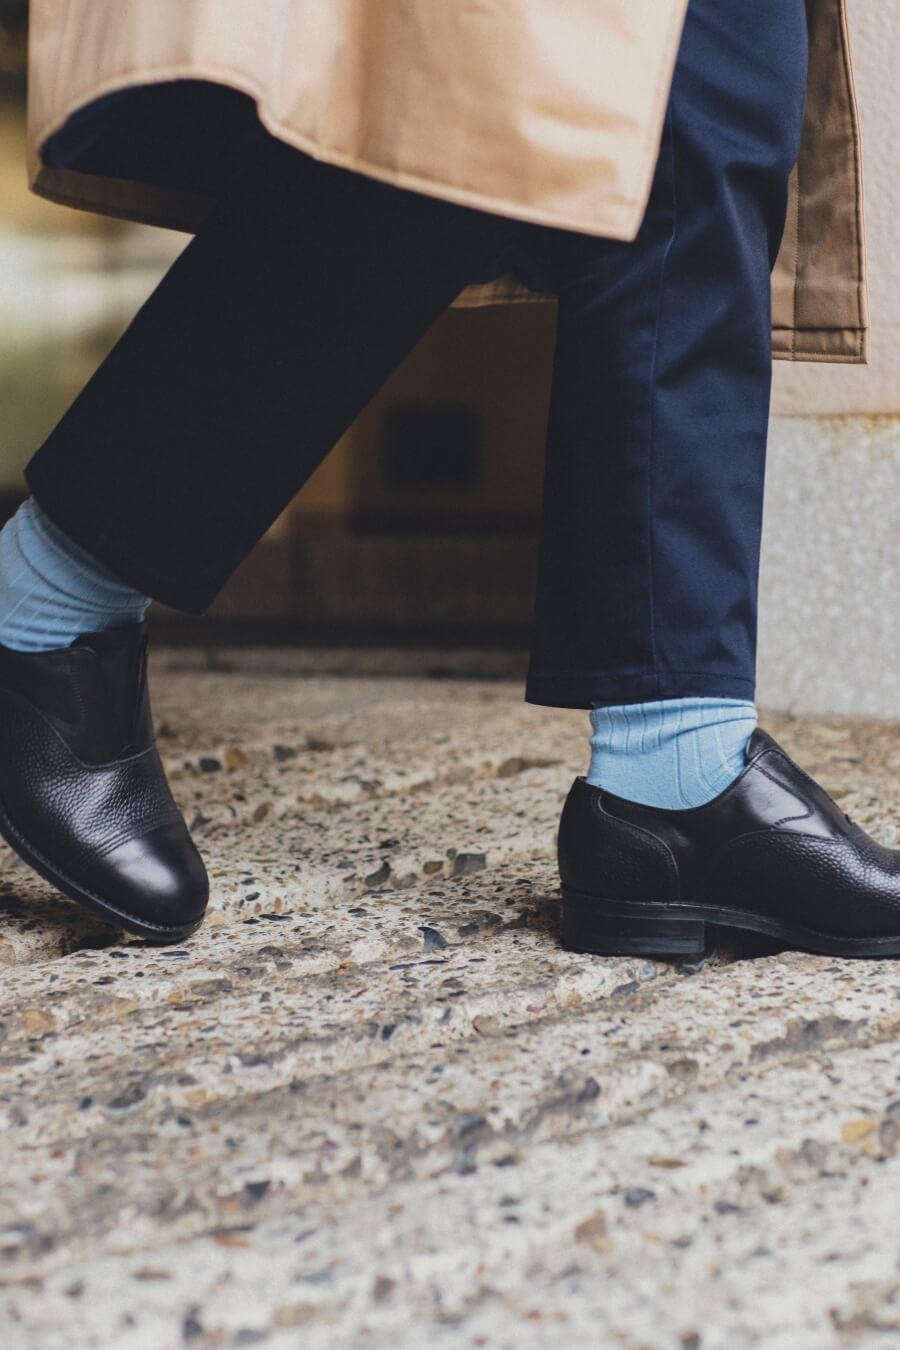 当たりつきギフト専用靴下のLUCKY SOCKS(ラッキーソックス)のLight Rib Socks(ライトリブソックス)のスチールブルー_image2